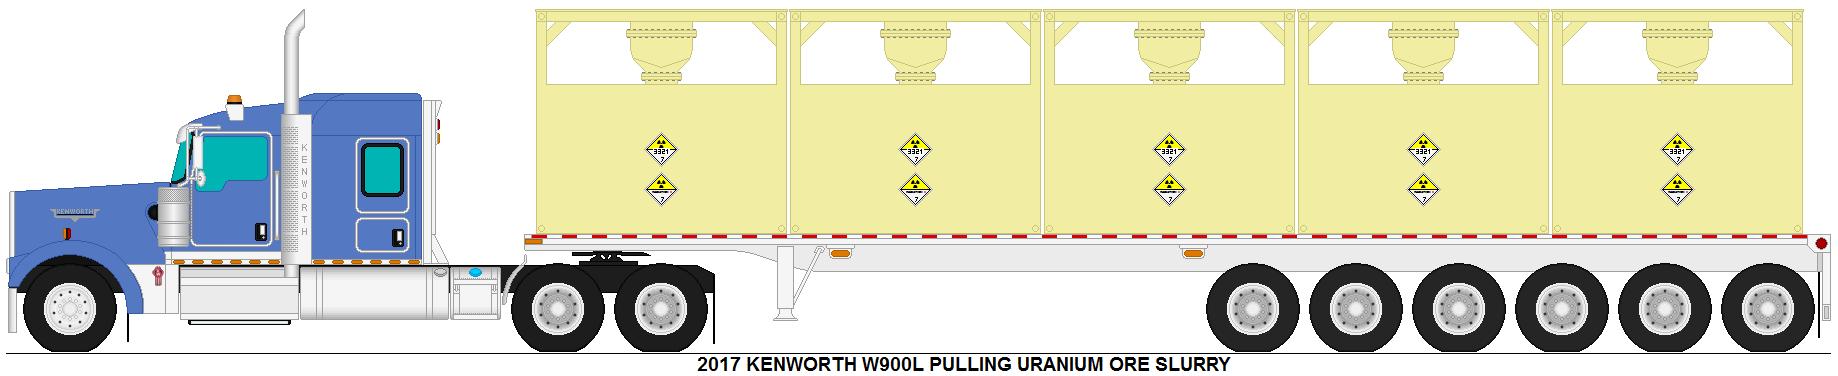 Kenworth W900L pulling uranium ore slurry by MisterPSYCHOPATH3001